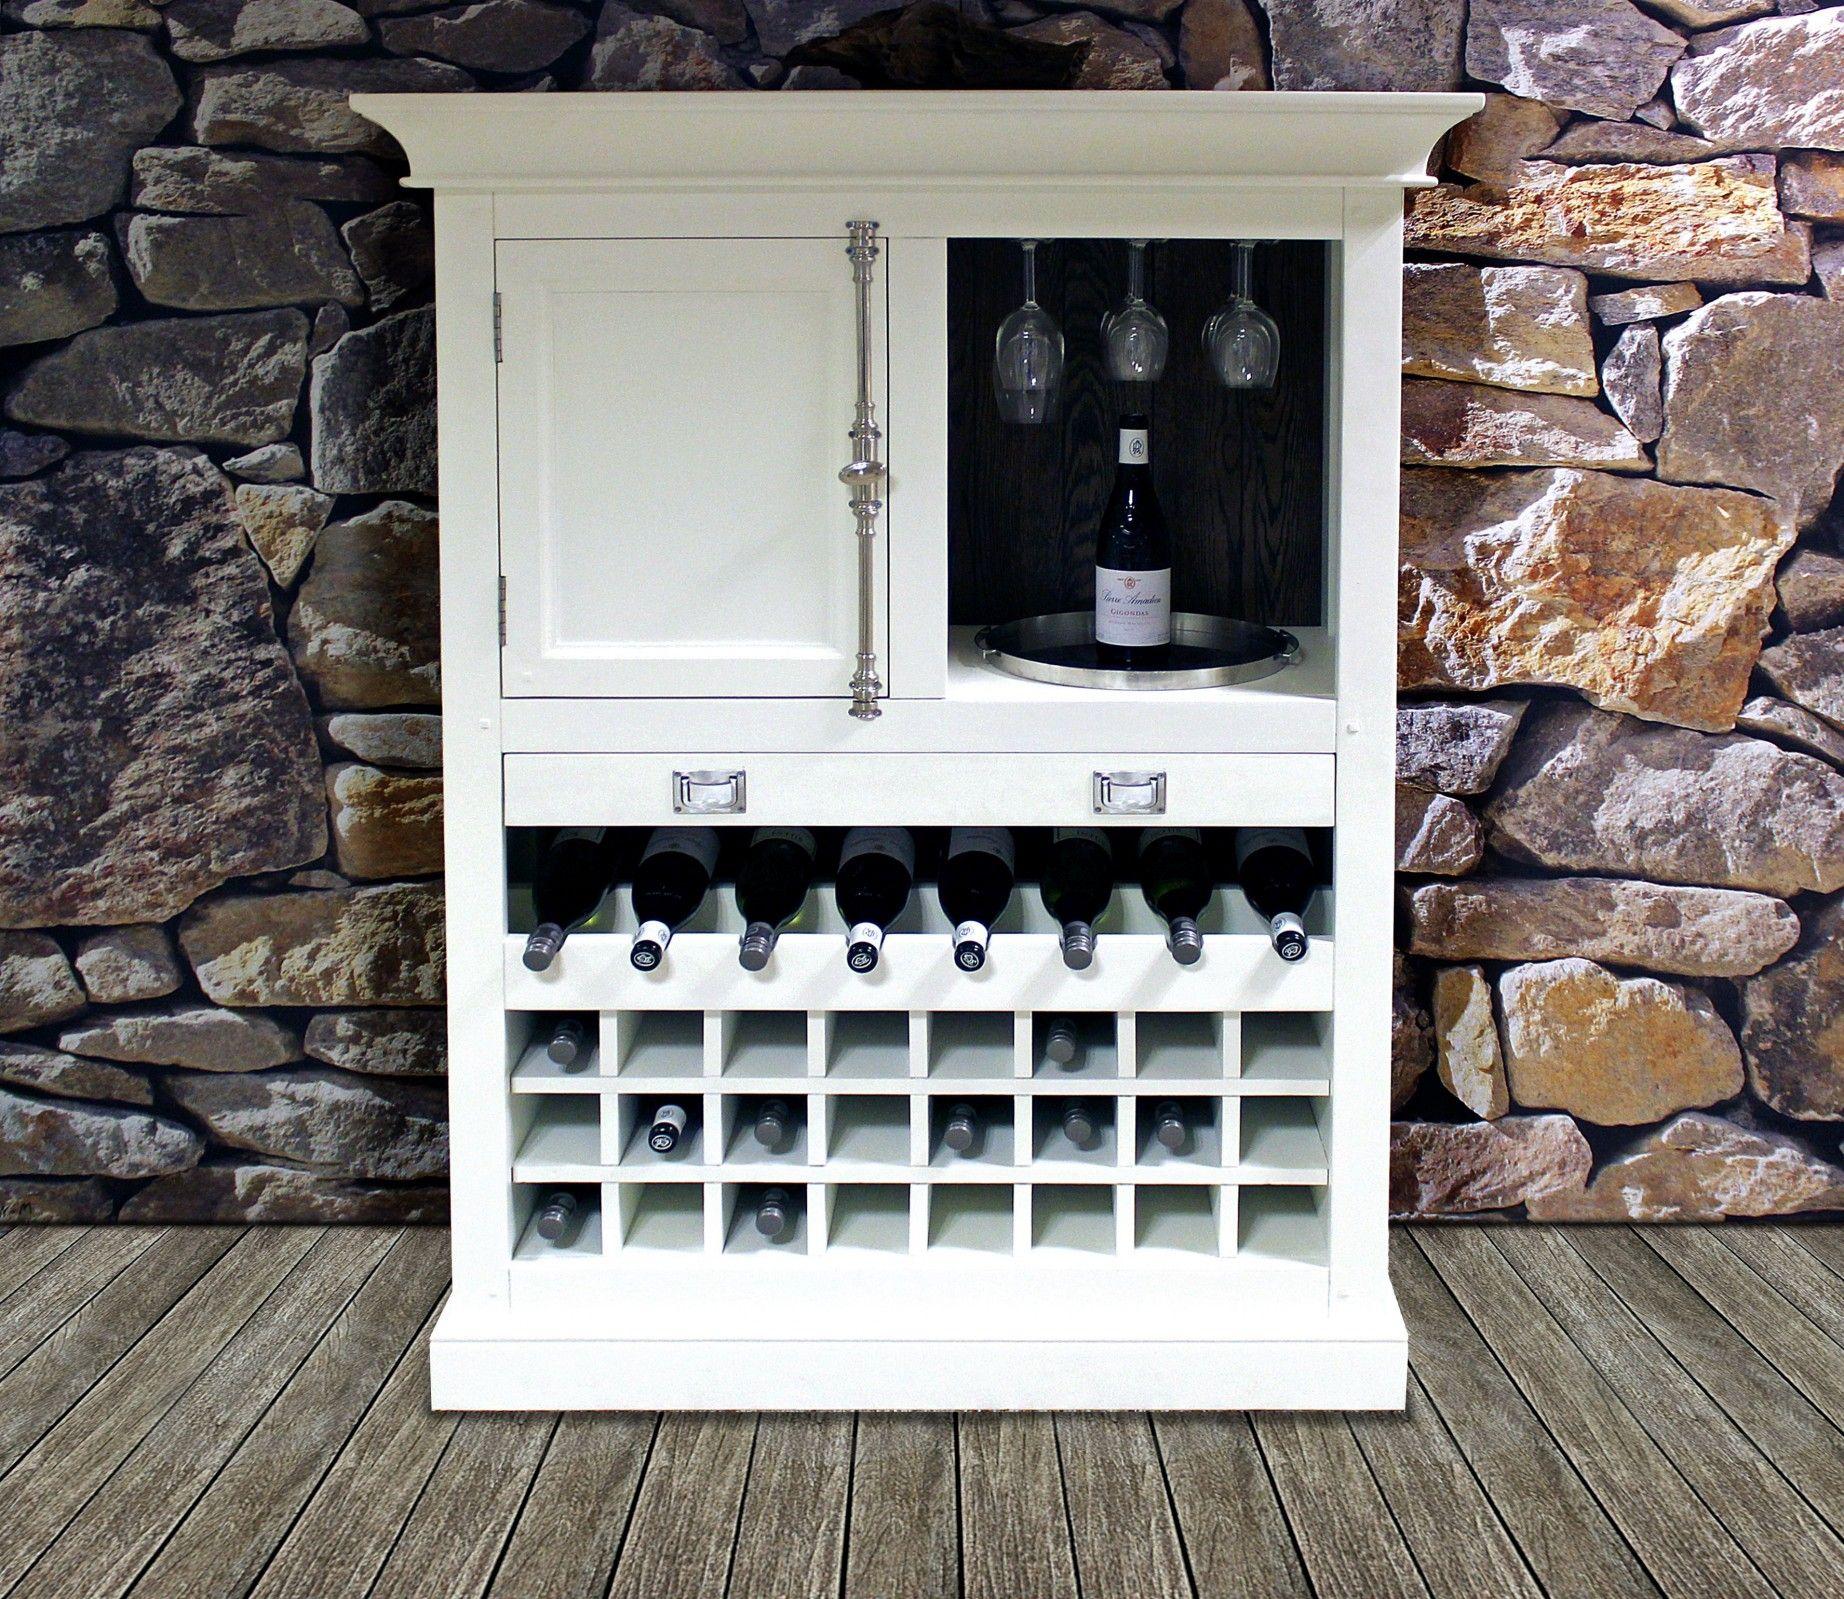 weinschrank zur lagerung von wein und anderen spirituosen. Black Bedroom Furniture Sets. Home Design Ideas